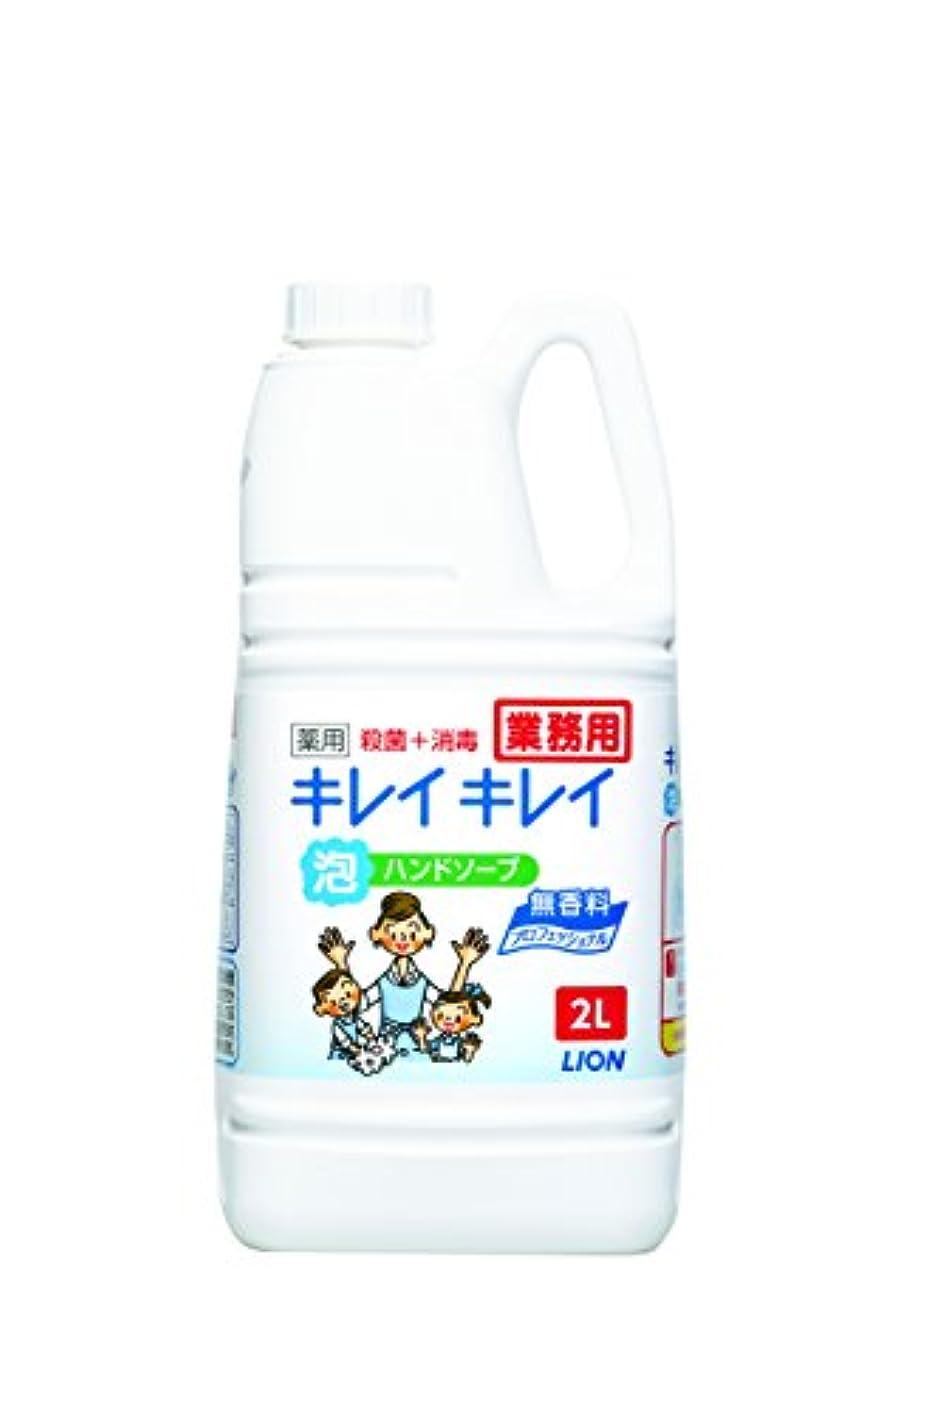 予算入手しますメーター【大容量】キレイキレイ 薬用泡ハンドソープ プロ無香料2L